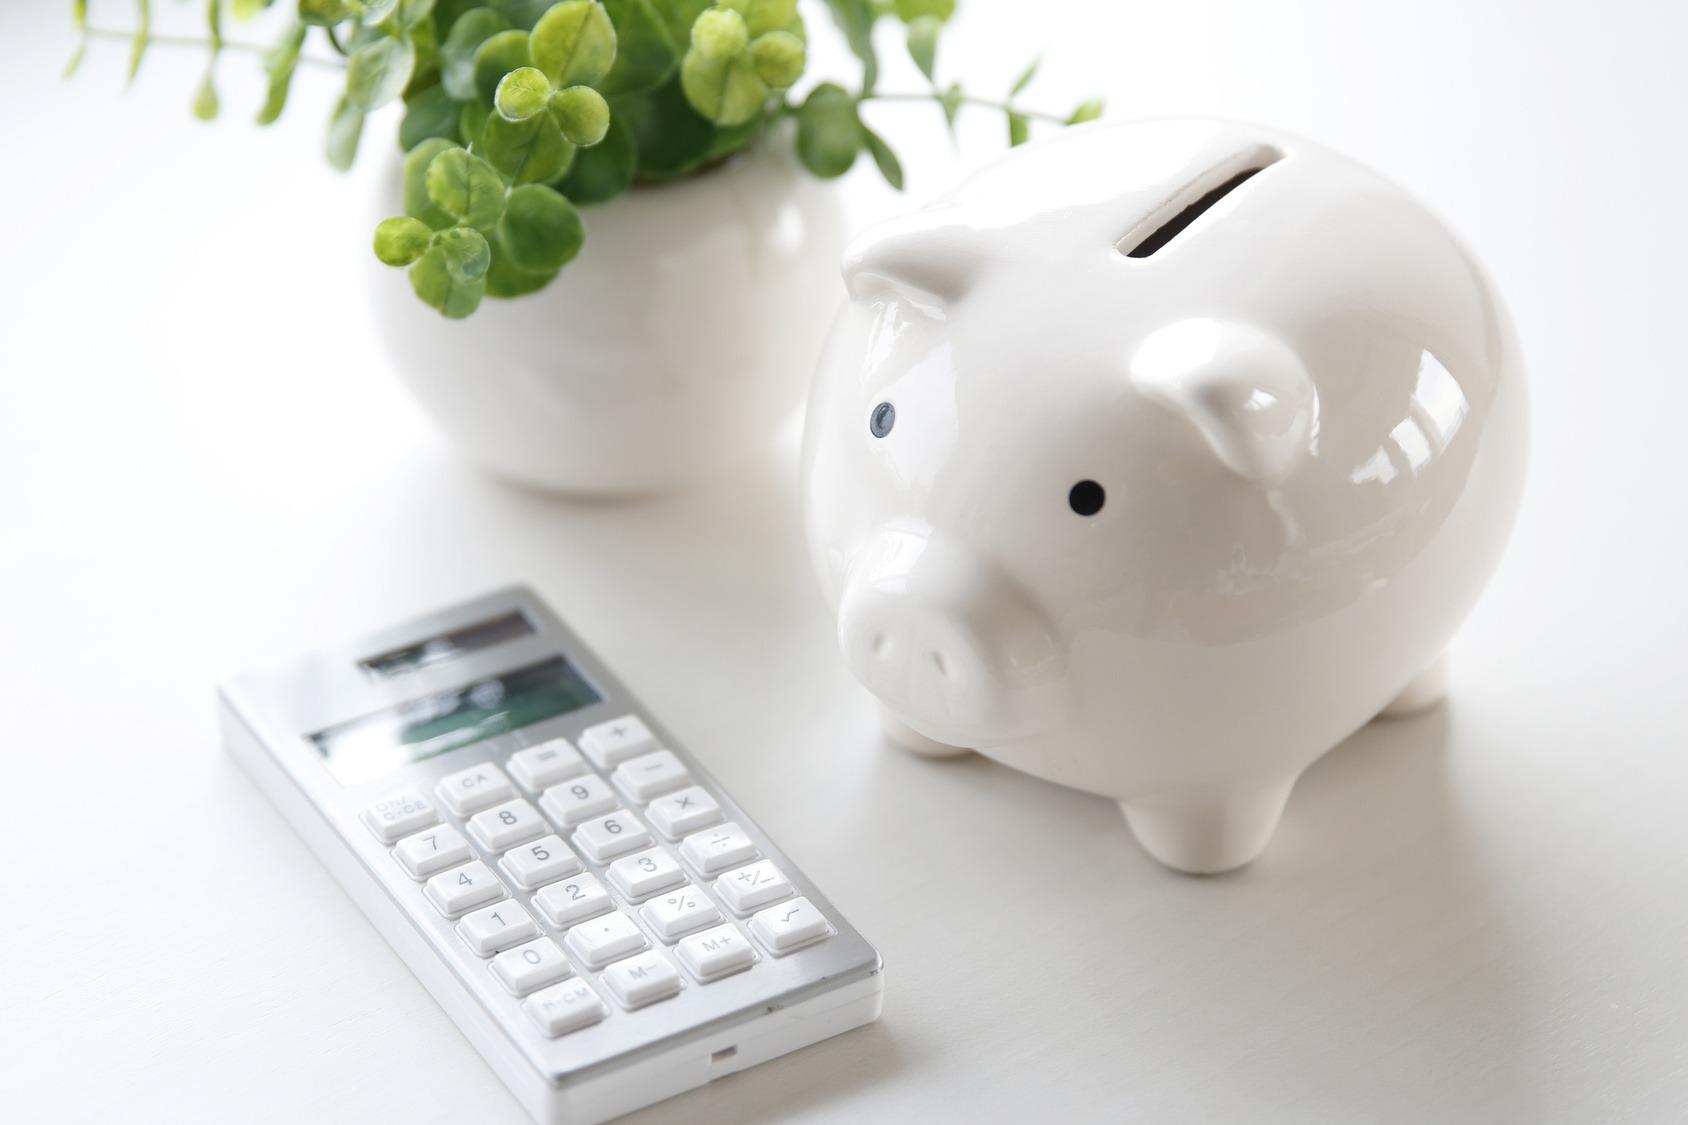 Das Bild zeigt eine blütenlose, grüne Pflanze, ein weißes Sparschwein und einen silbernen Taschenrechner auf einem weißen Tisch.